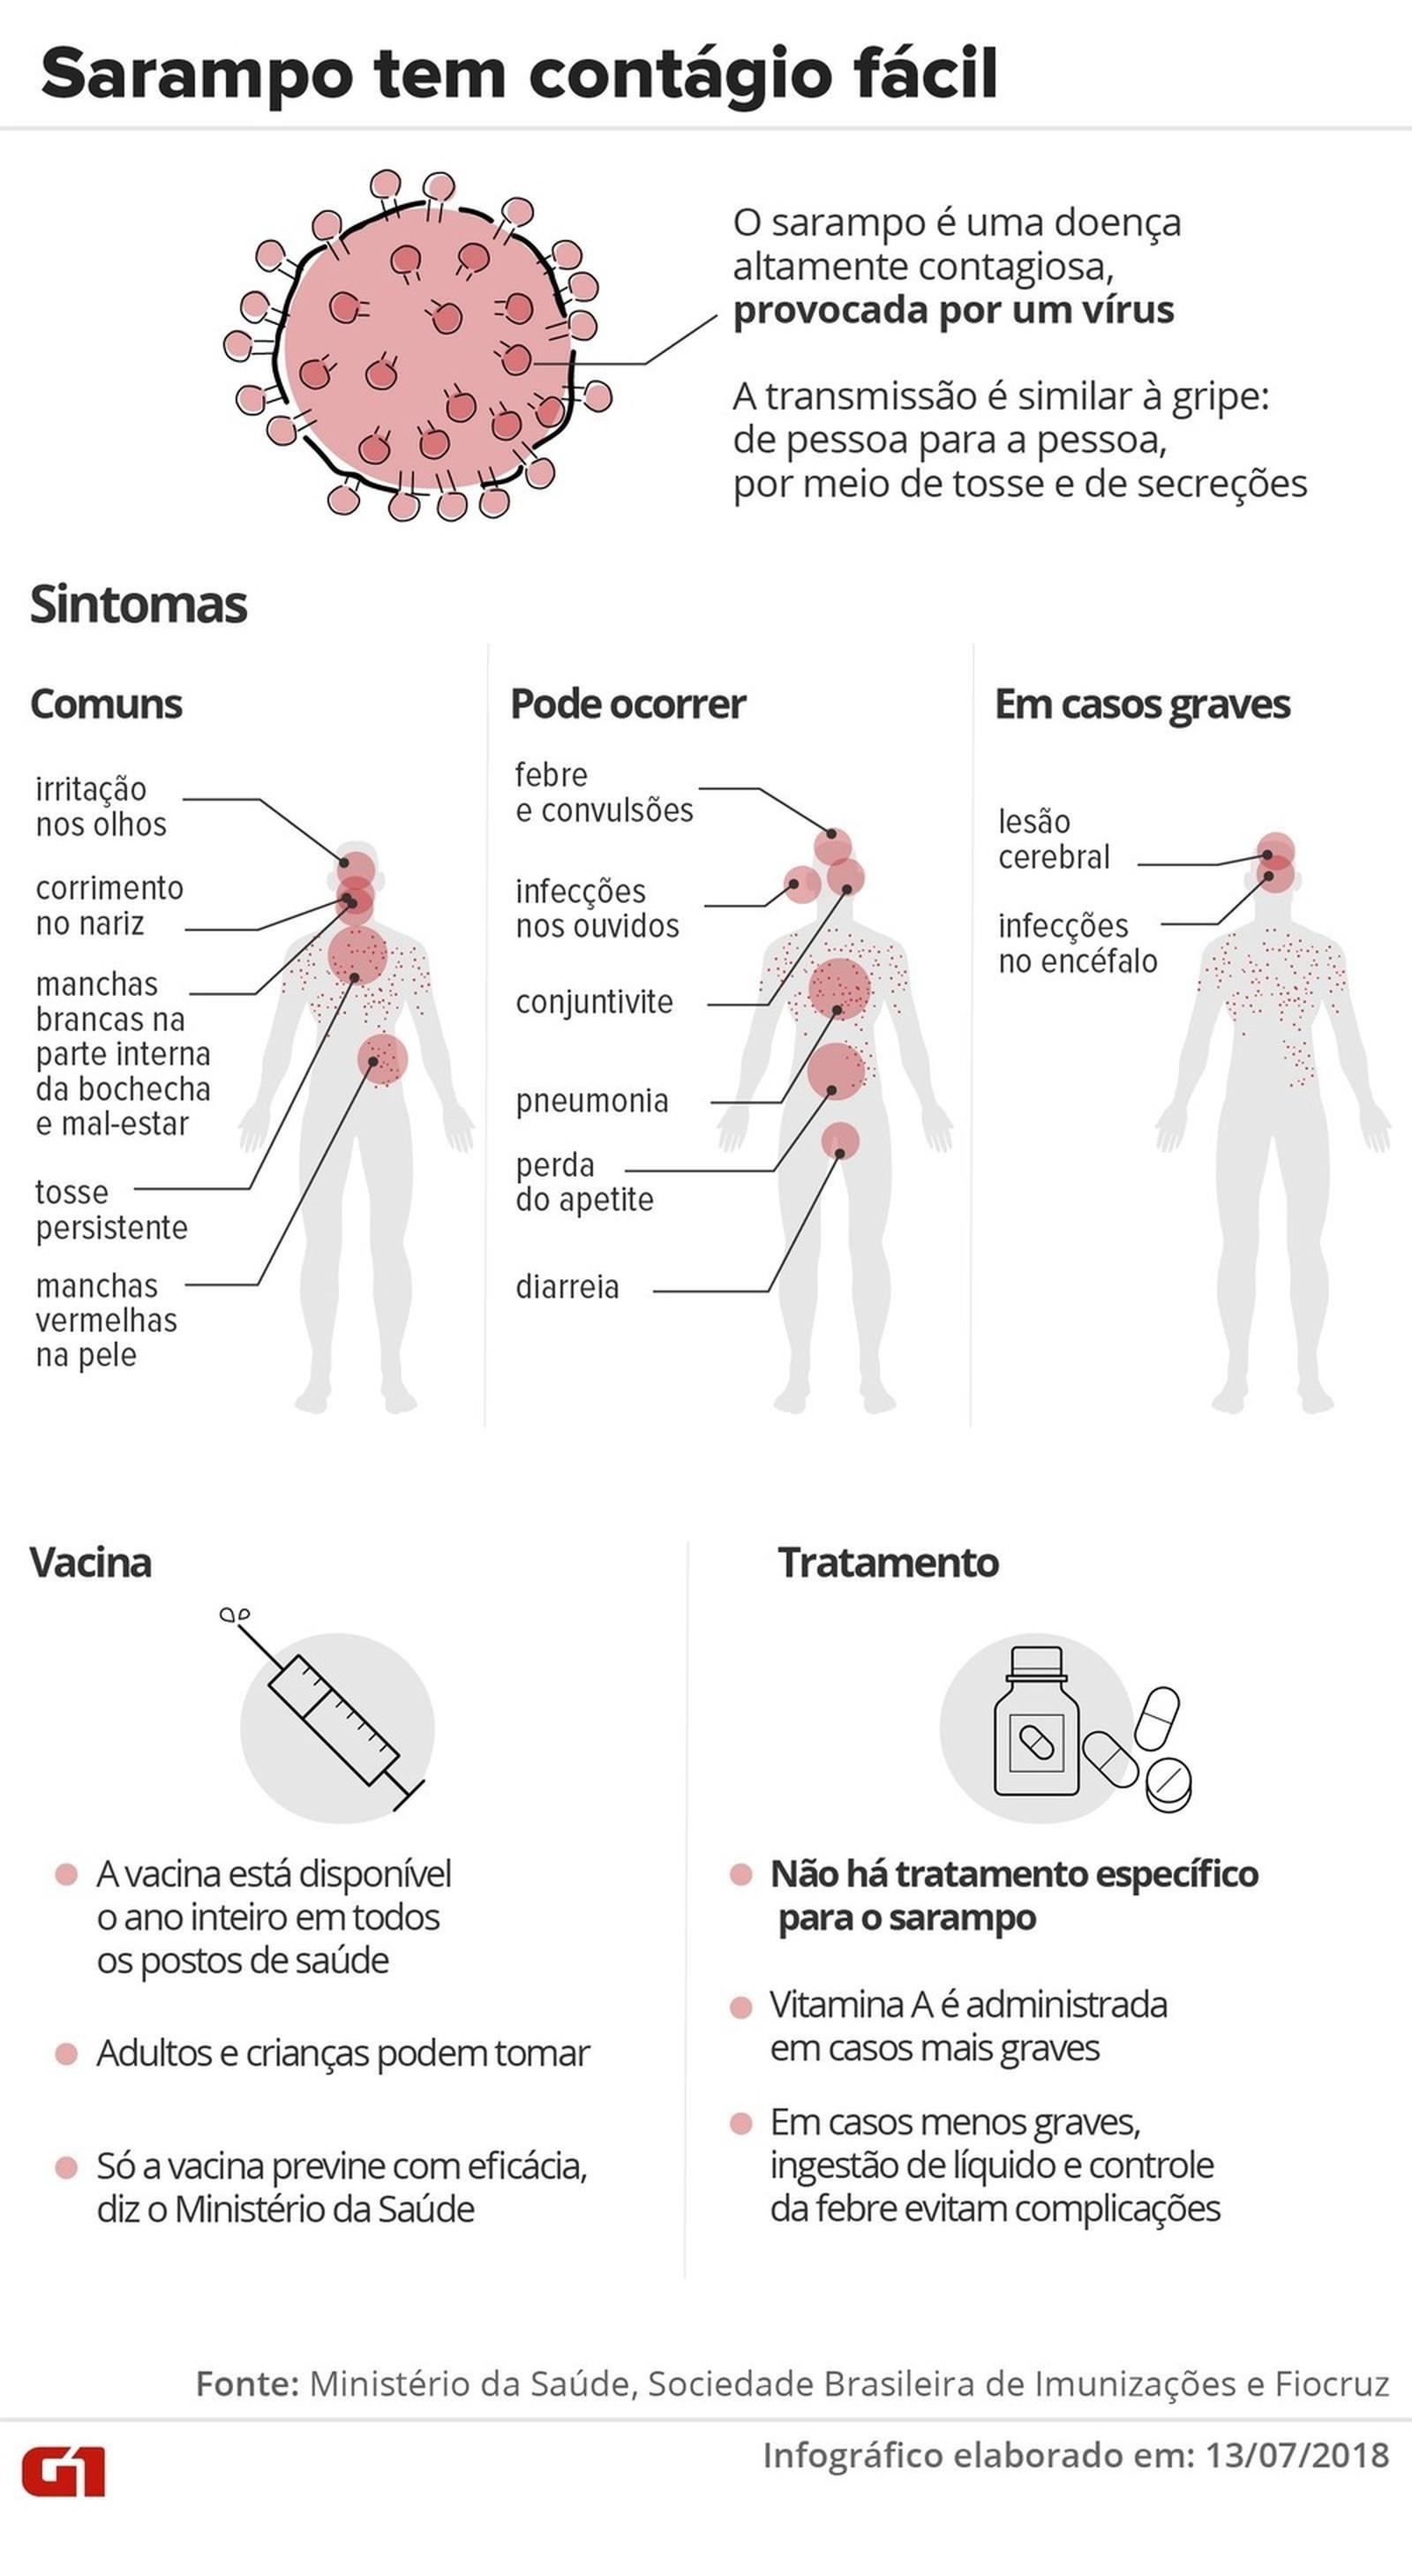 Sergipe está na lista dos estados que vão receber verbas para ações de combate a transmissão do sarampo - Notícias - Plantão Diário